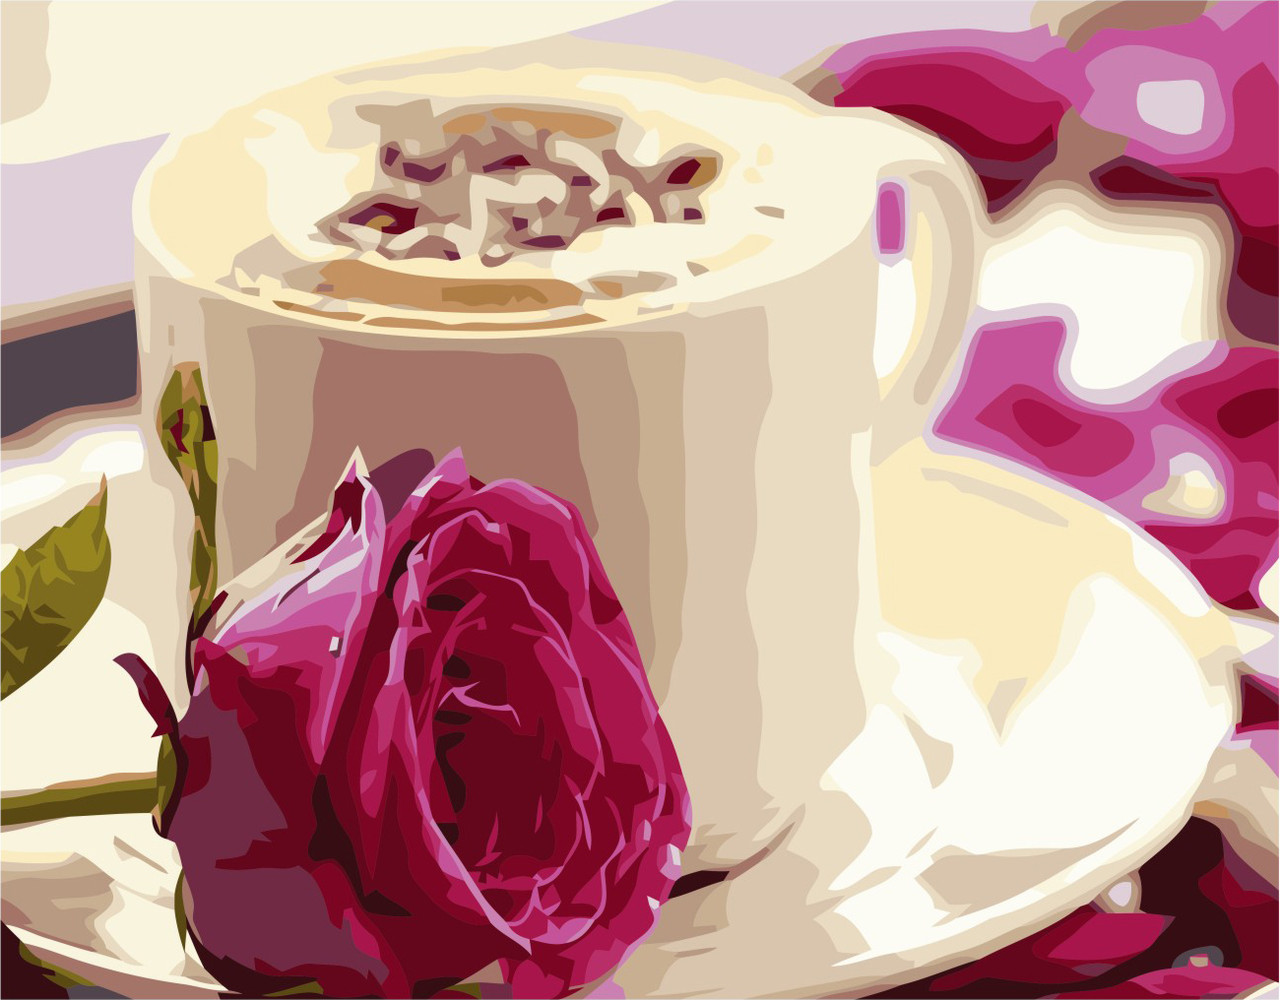 Картина по номерам VA-0228 Утренний кофе, 40х50см. Strateg